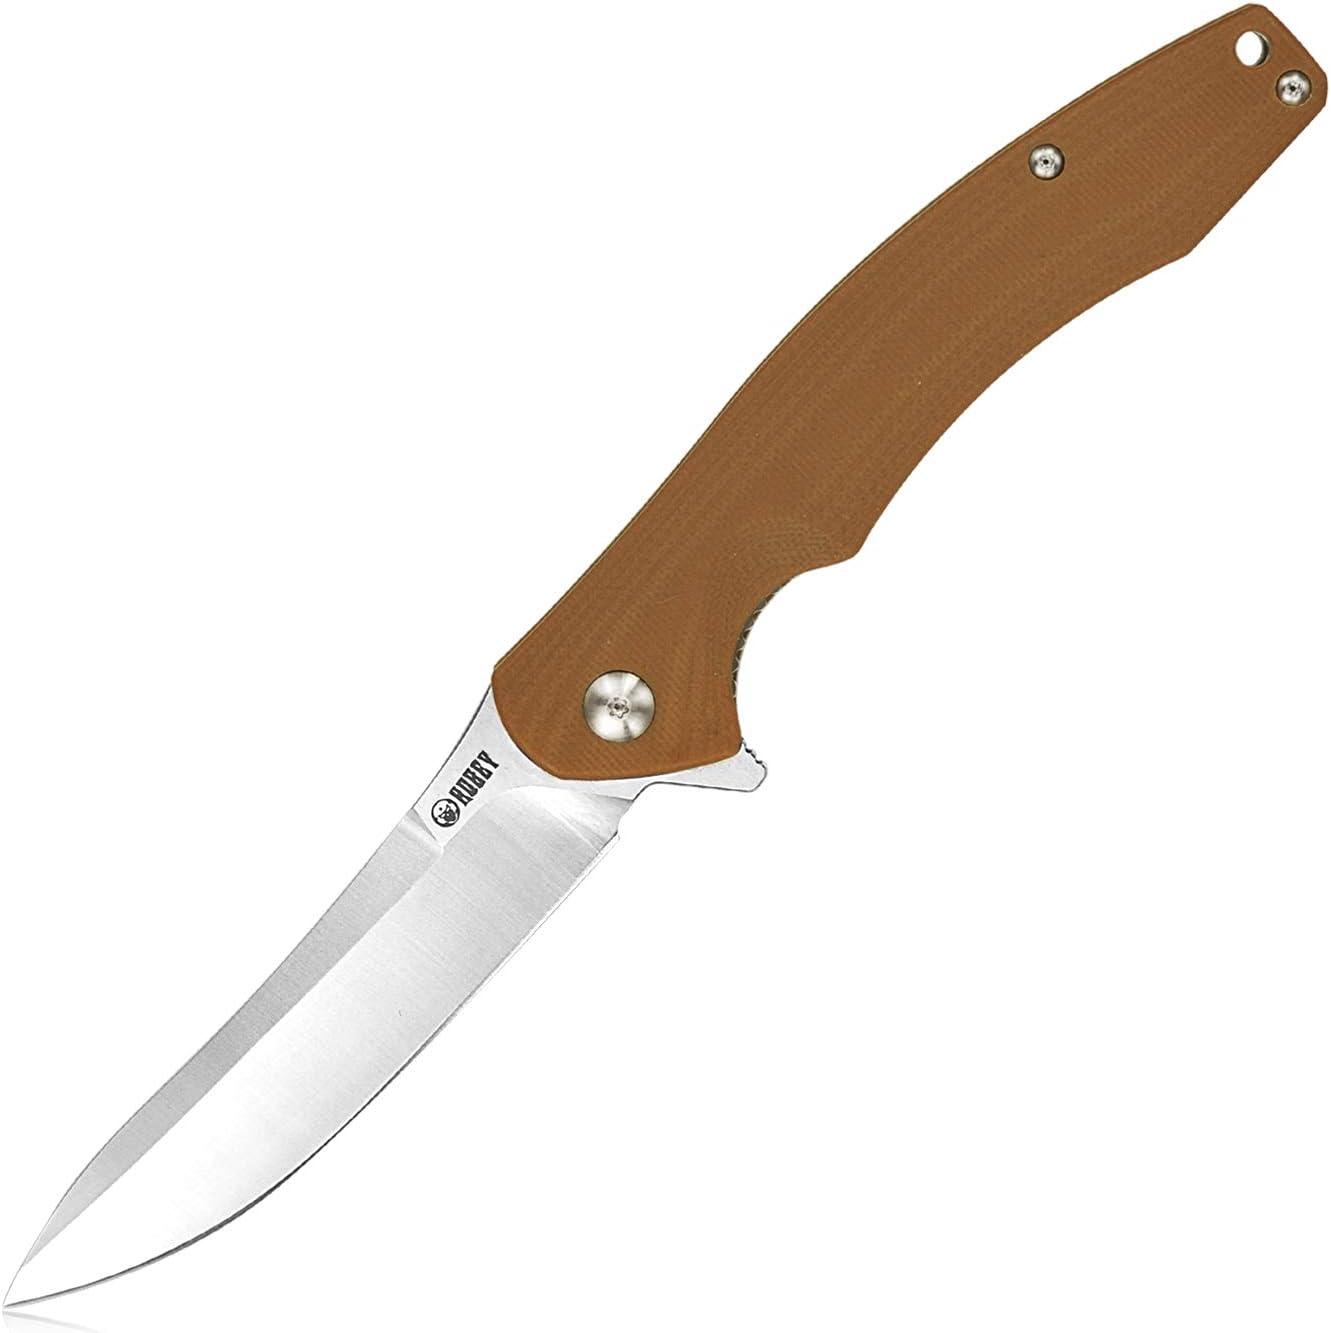 Kubey KU176 Couteau pliant Couteau de Poche avec Lame en Acier D2 et Manche G10, Extérieur Survie et EDC Couteau (Tan)